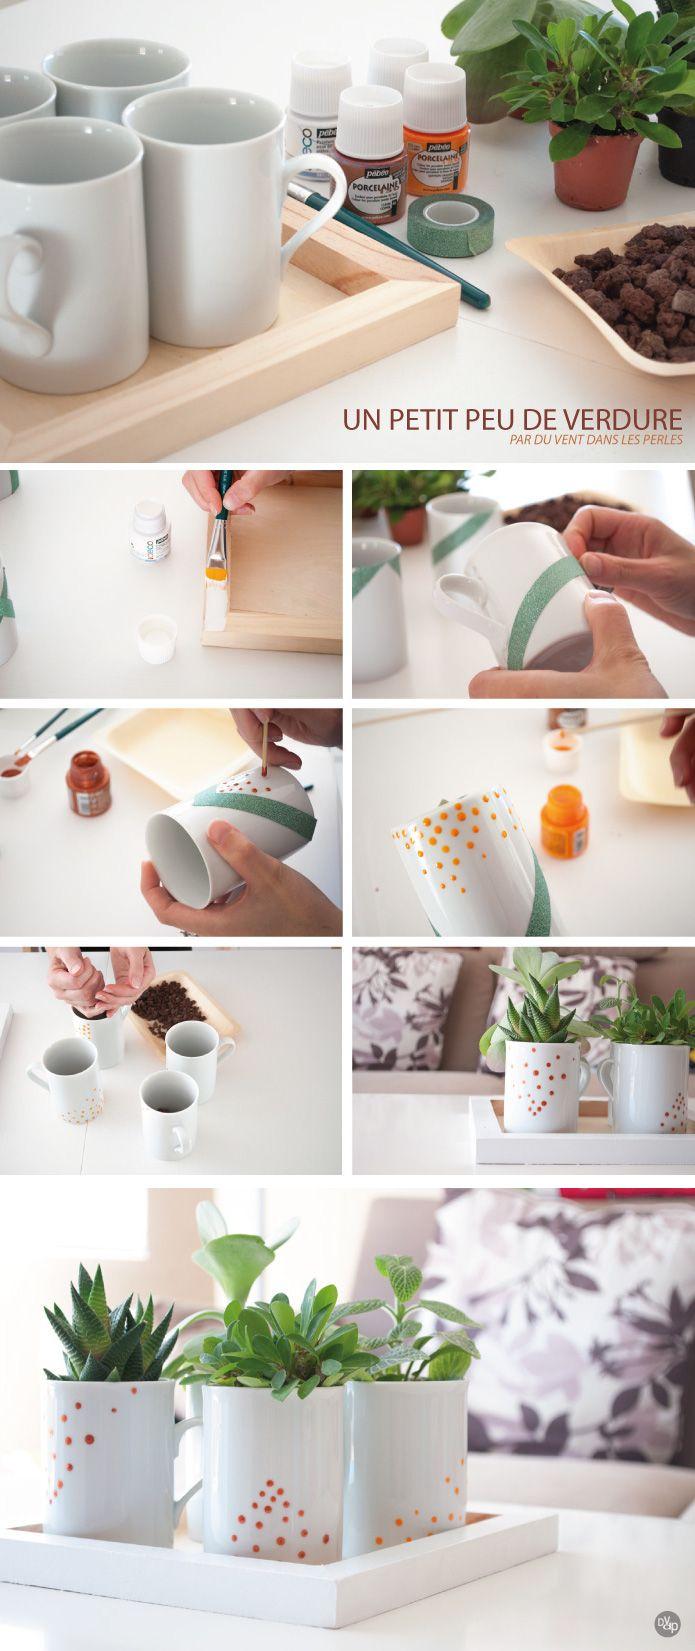 Tuto centre de table plantes vertes, tasses en porcelaine peintes et plateau en bois peint en blanc - diy foliage plants, china mugs painted and wood tray